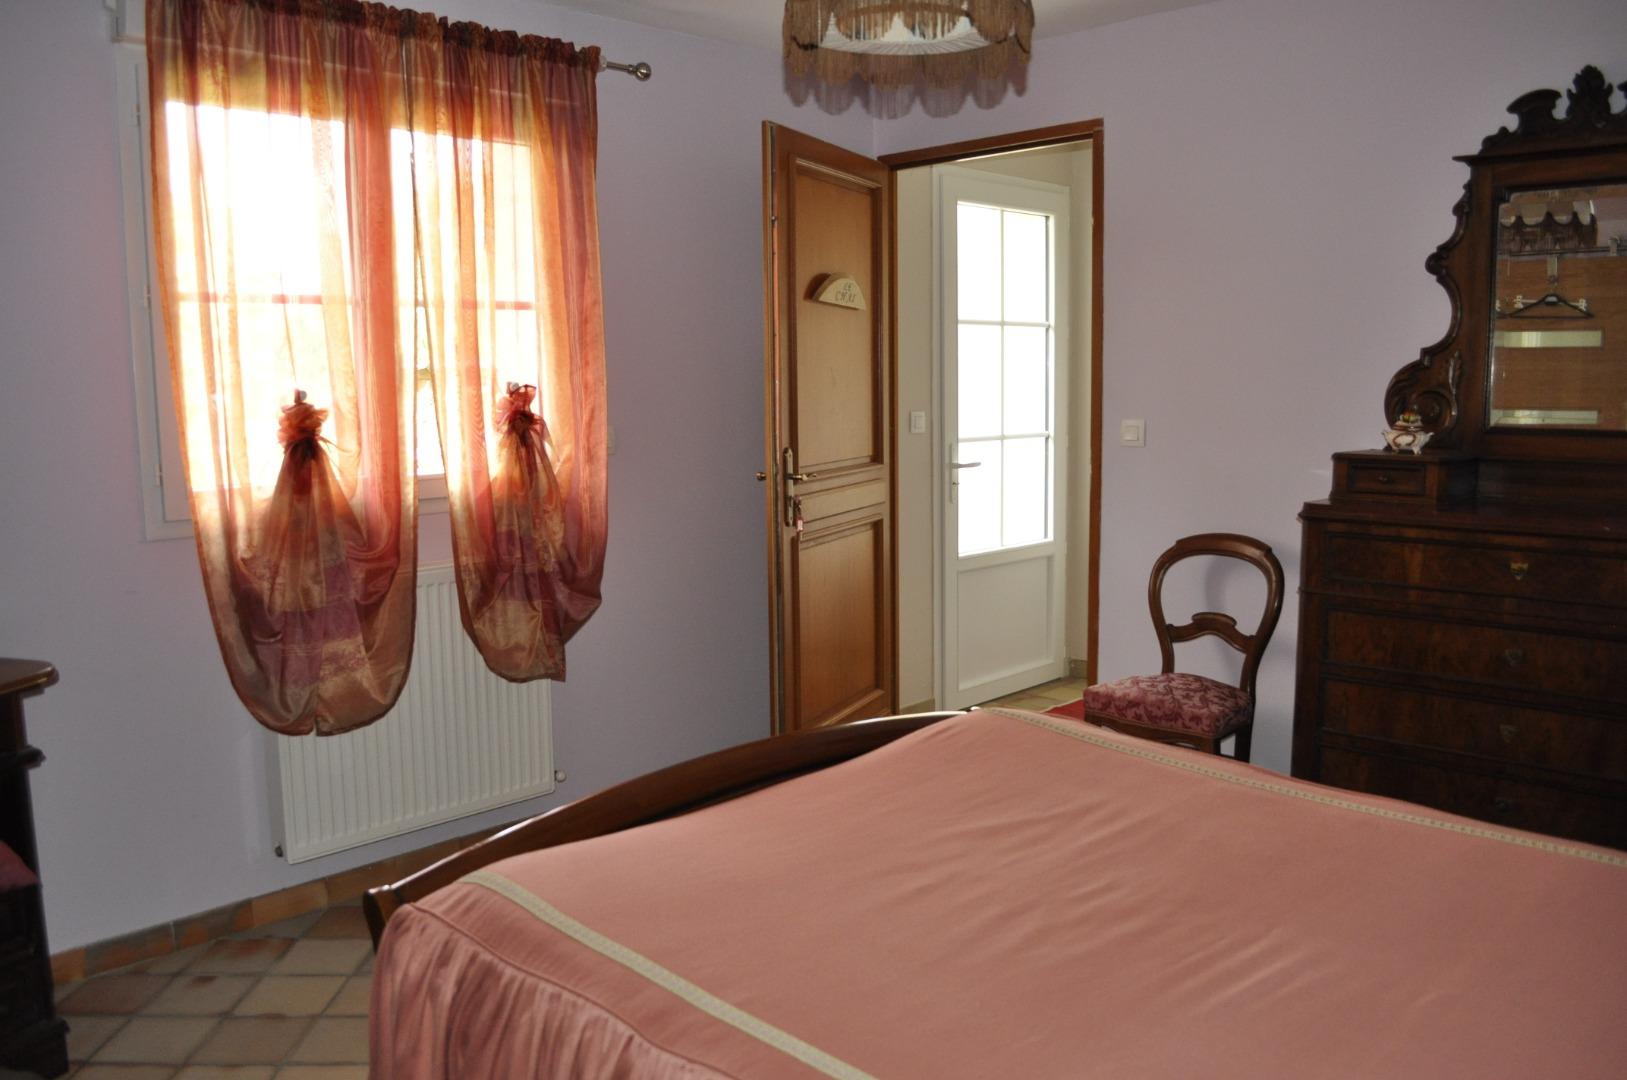 Chambre d'hôte au rez-de-chaussée à Ludon-Médoc